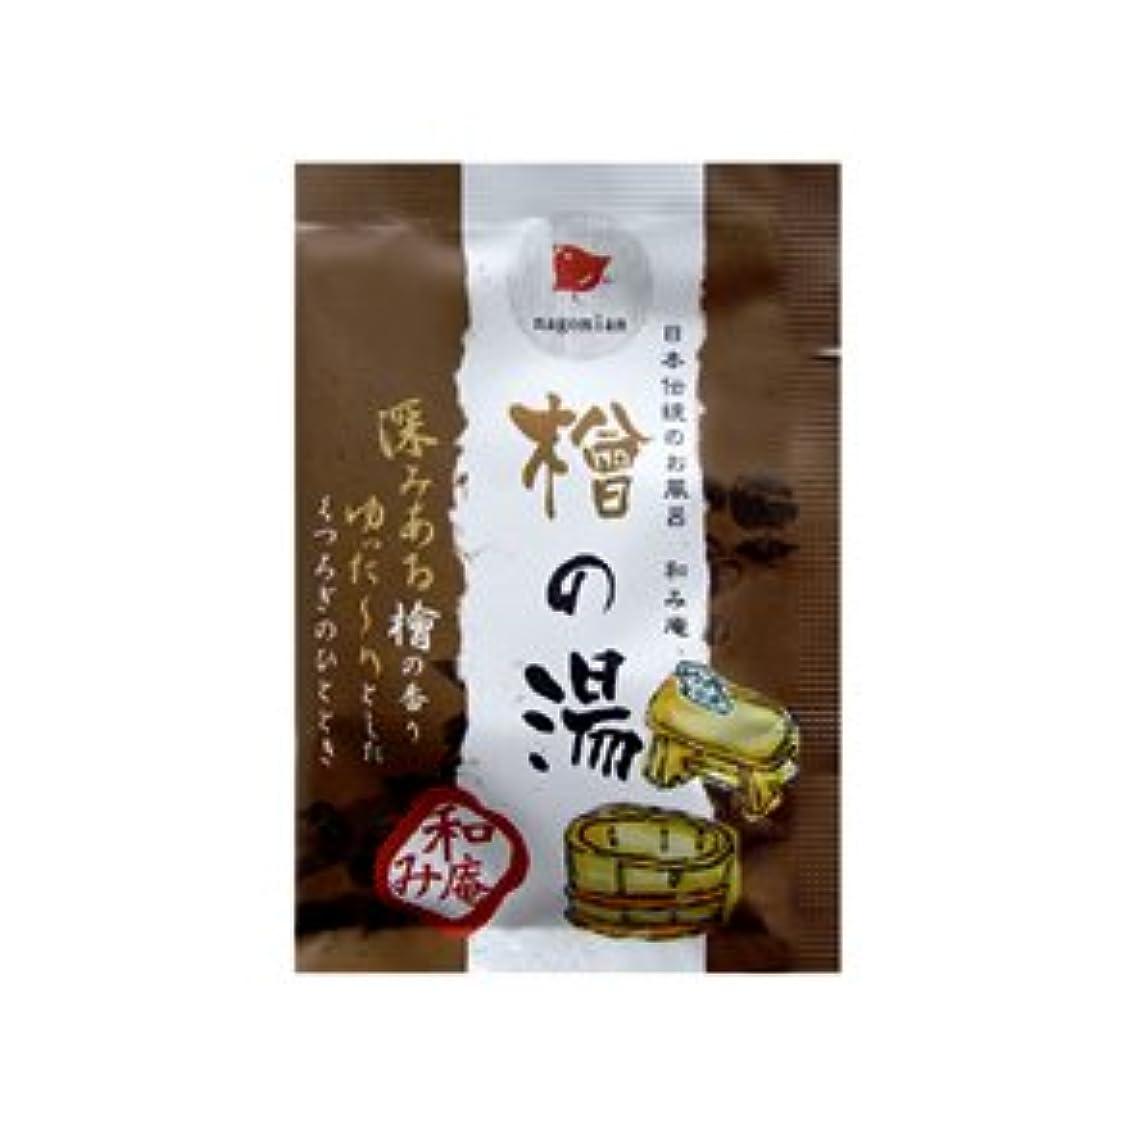 真実に動くギャングスター日本伝統のお風呂 和み庵 檜の湯 25g 5個セット